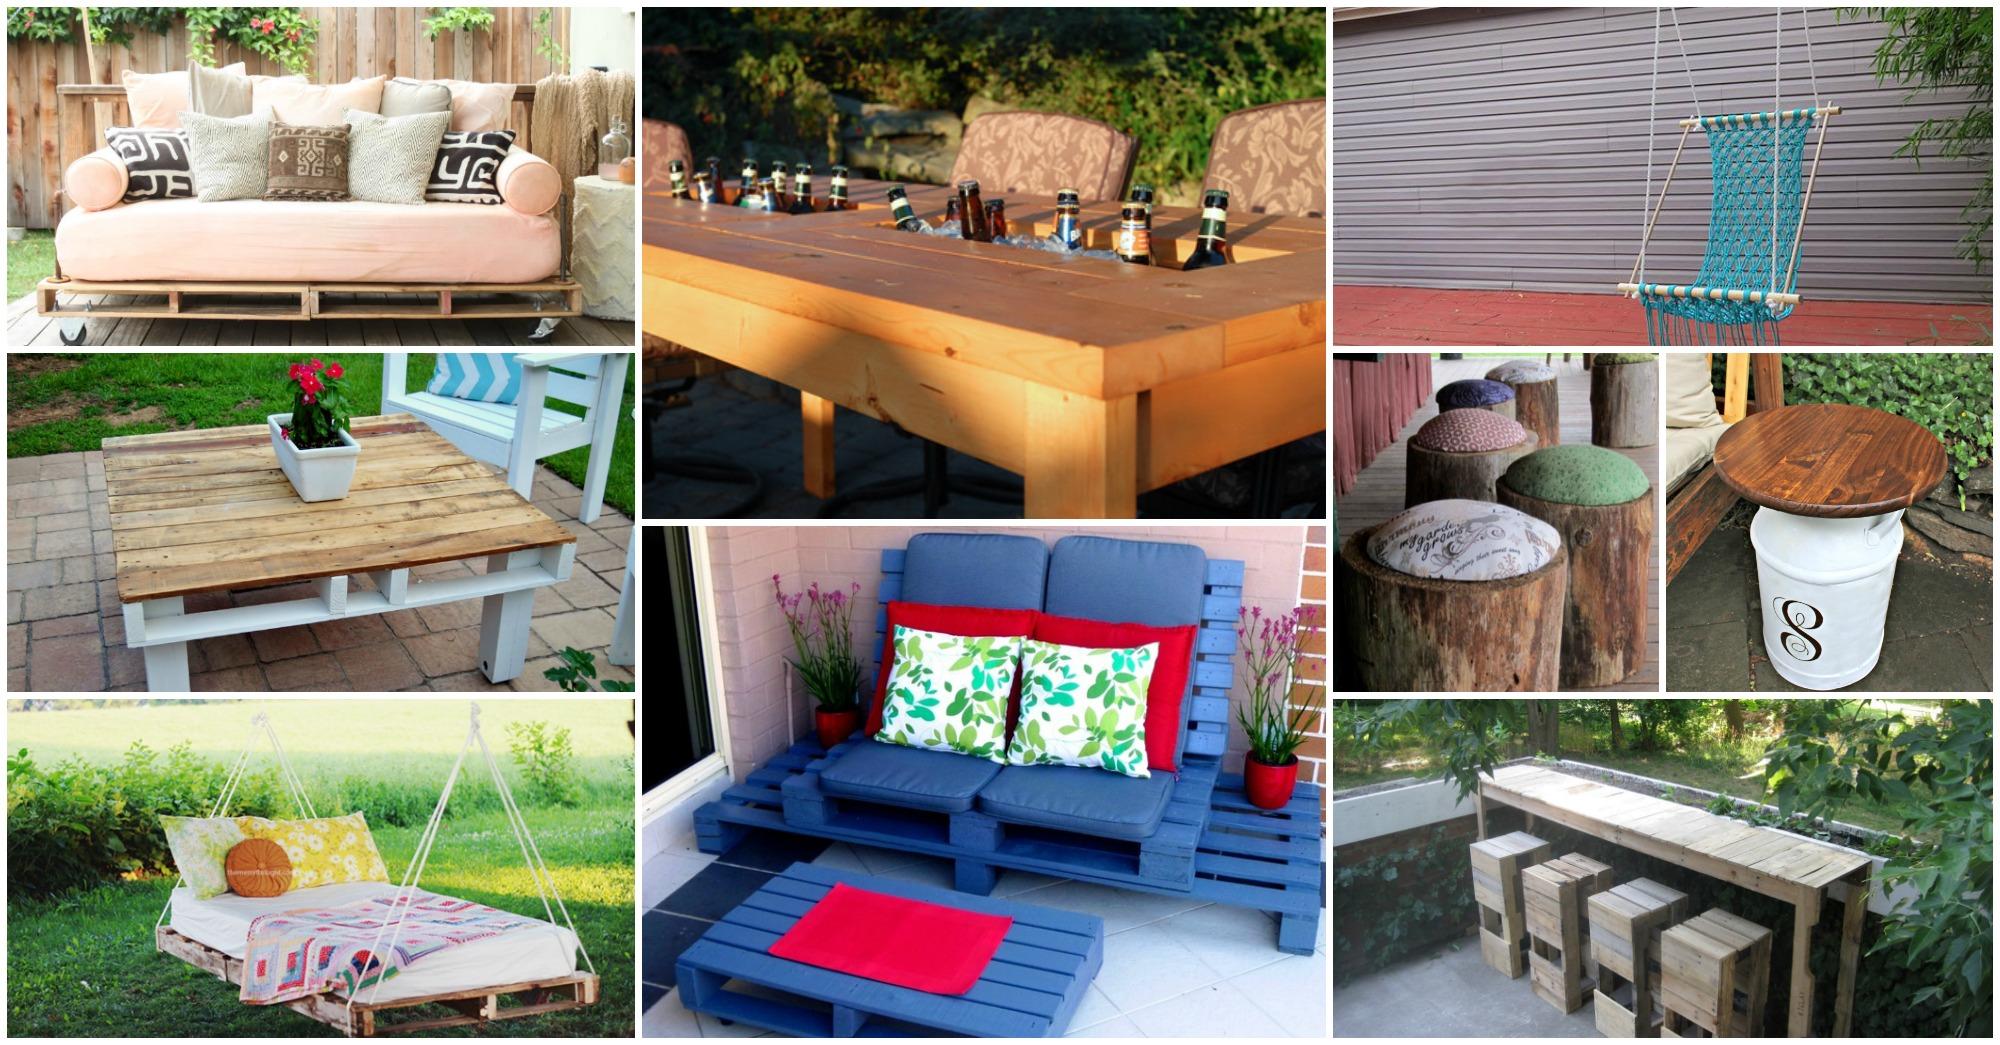 16 Budget Friendly DIY Backyard Furniture Ideas You Need ... on Budget Friendly Patio Ideas  id=45034